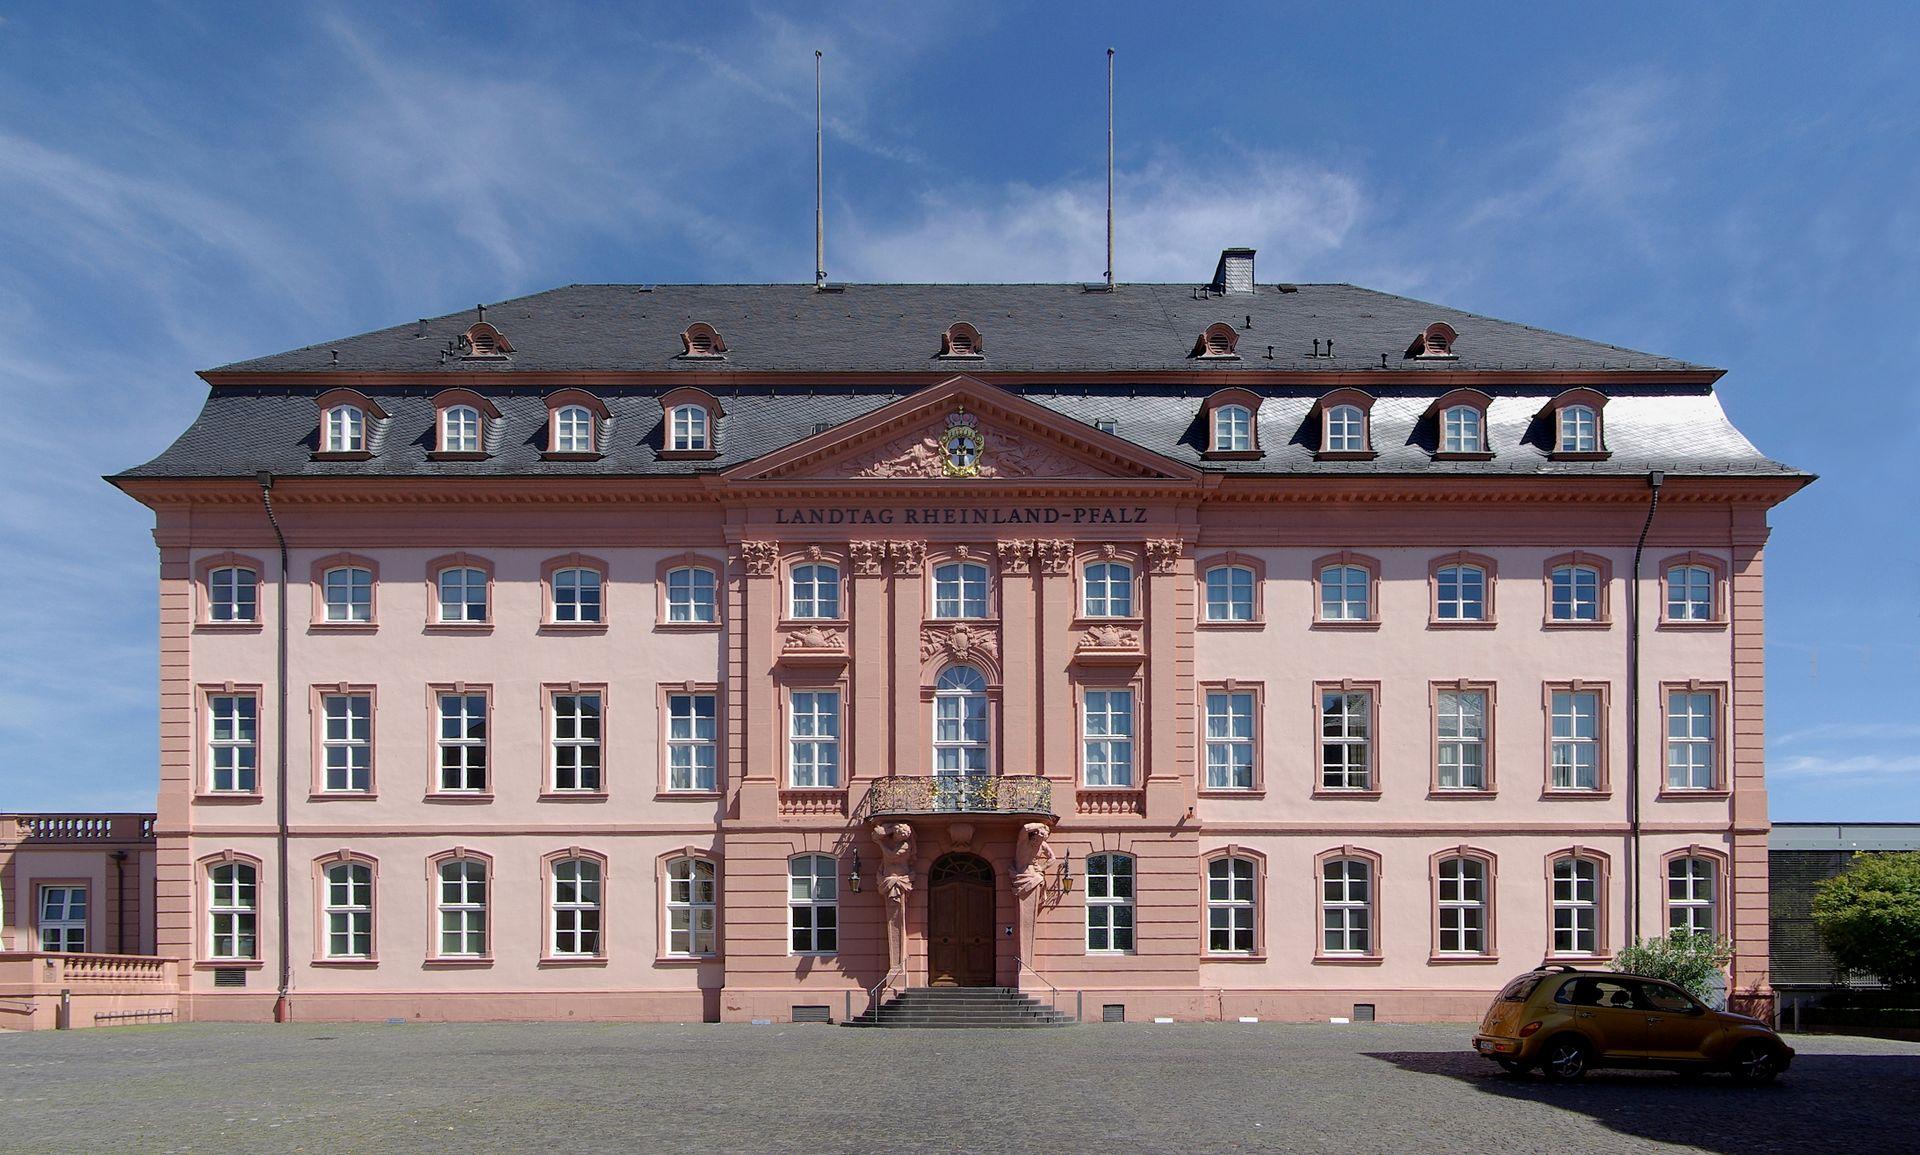 Bild Landtag Rheinland Pfalz Mainz